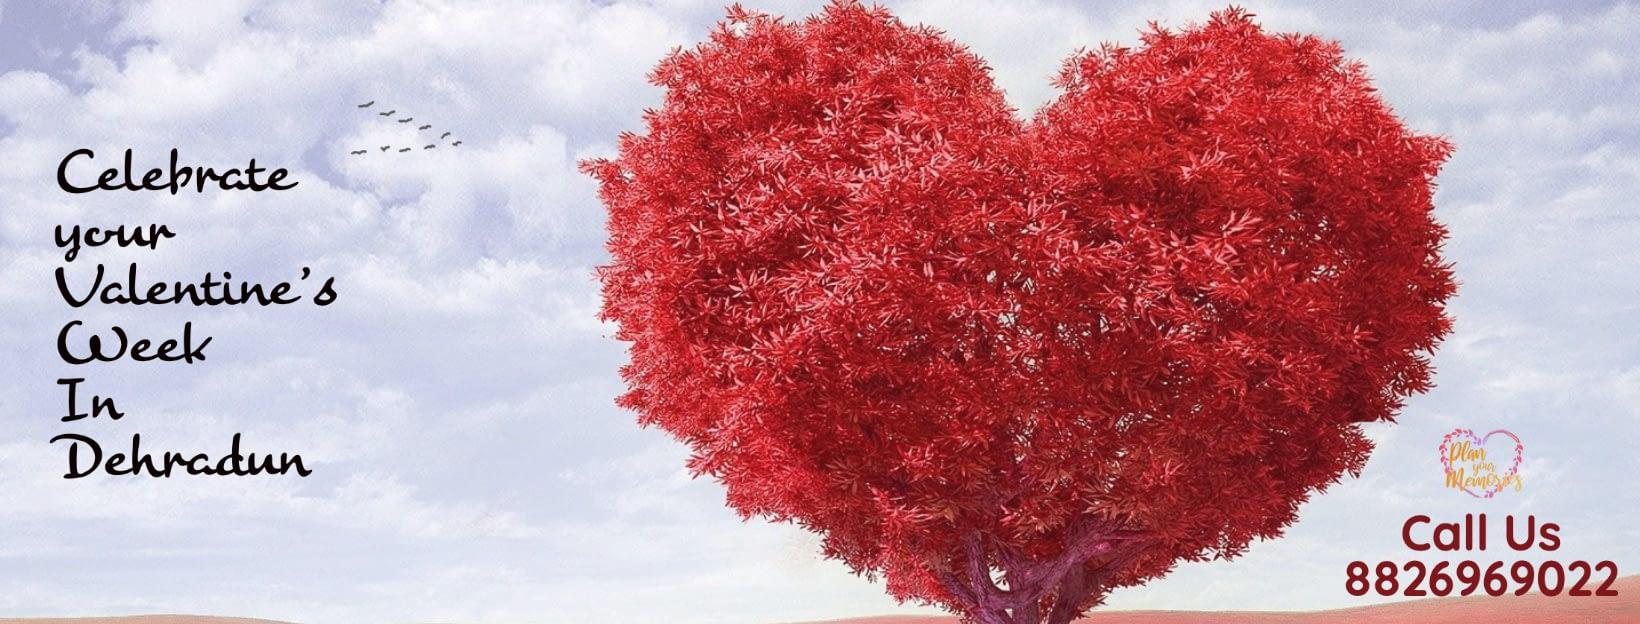 Valentines Week in Dehradun